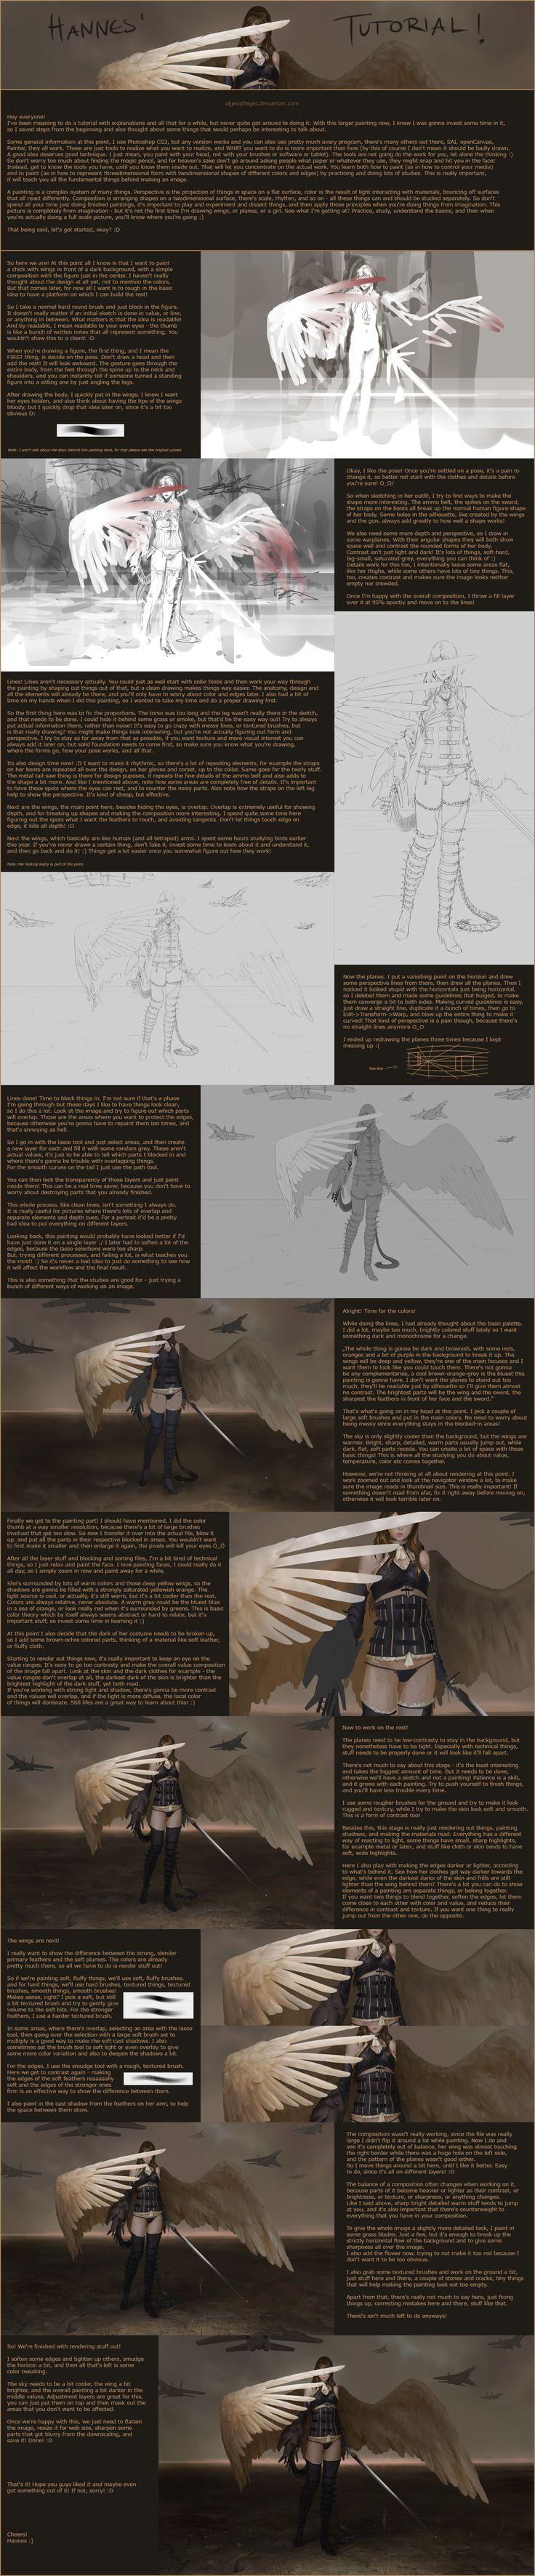 War - Tutorial by algenpfleger.deviantart.com on @deviantART